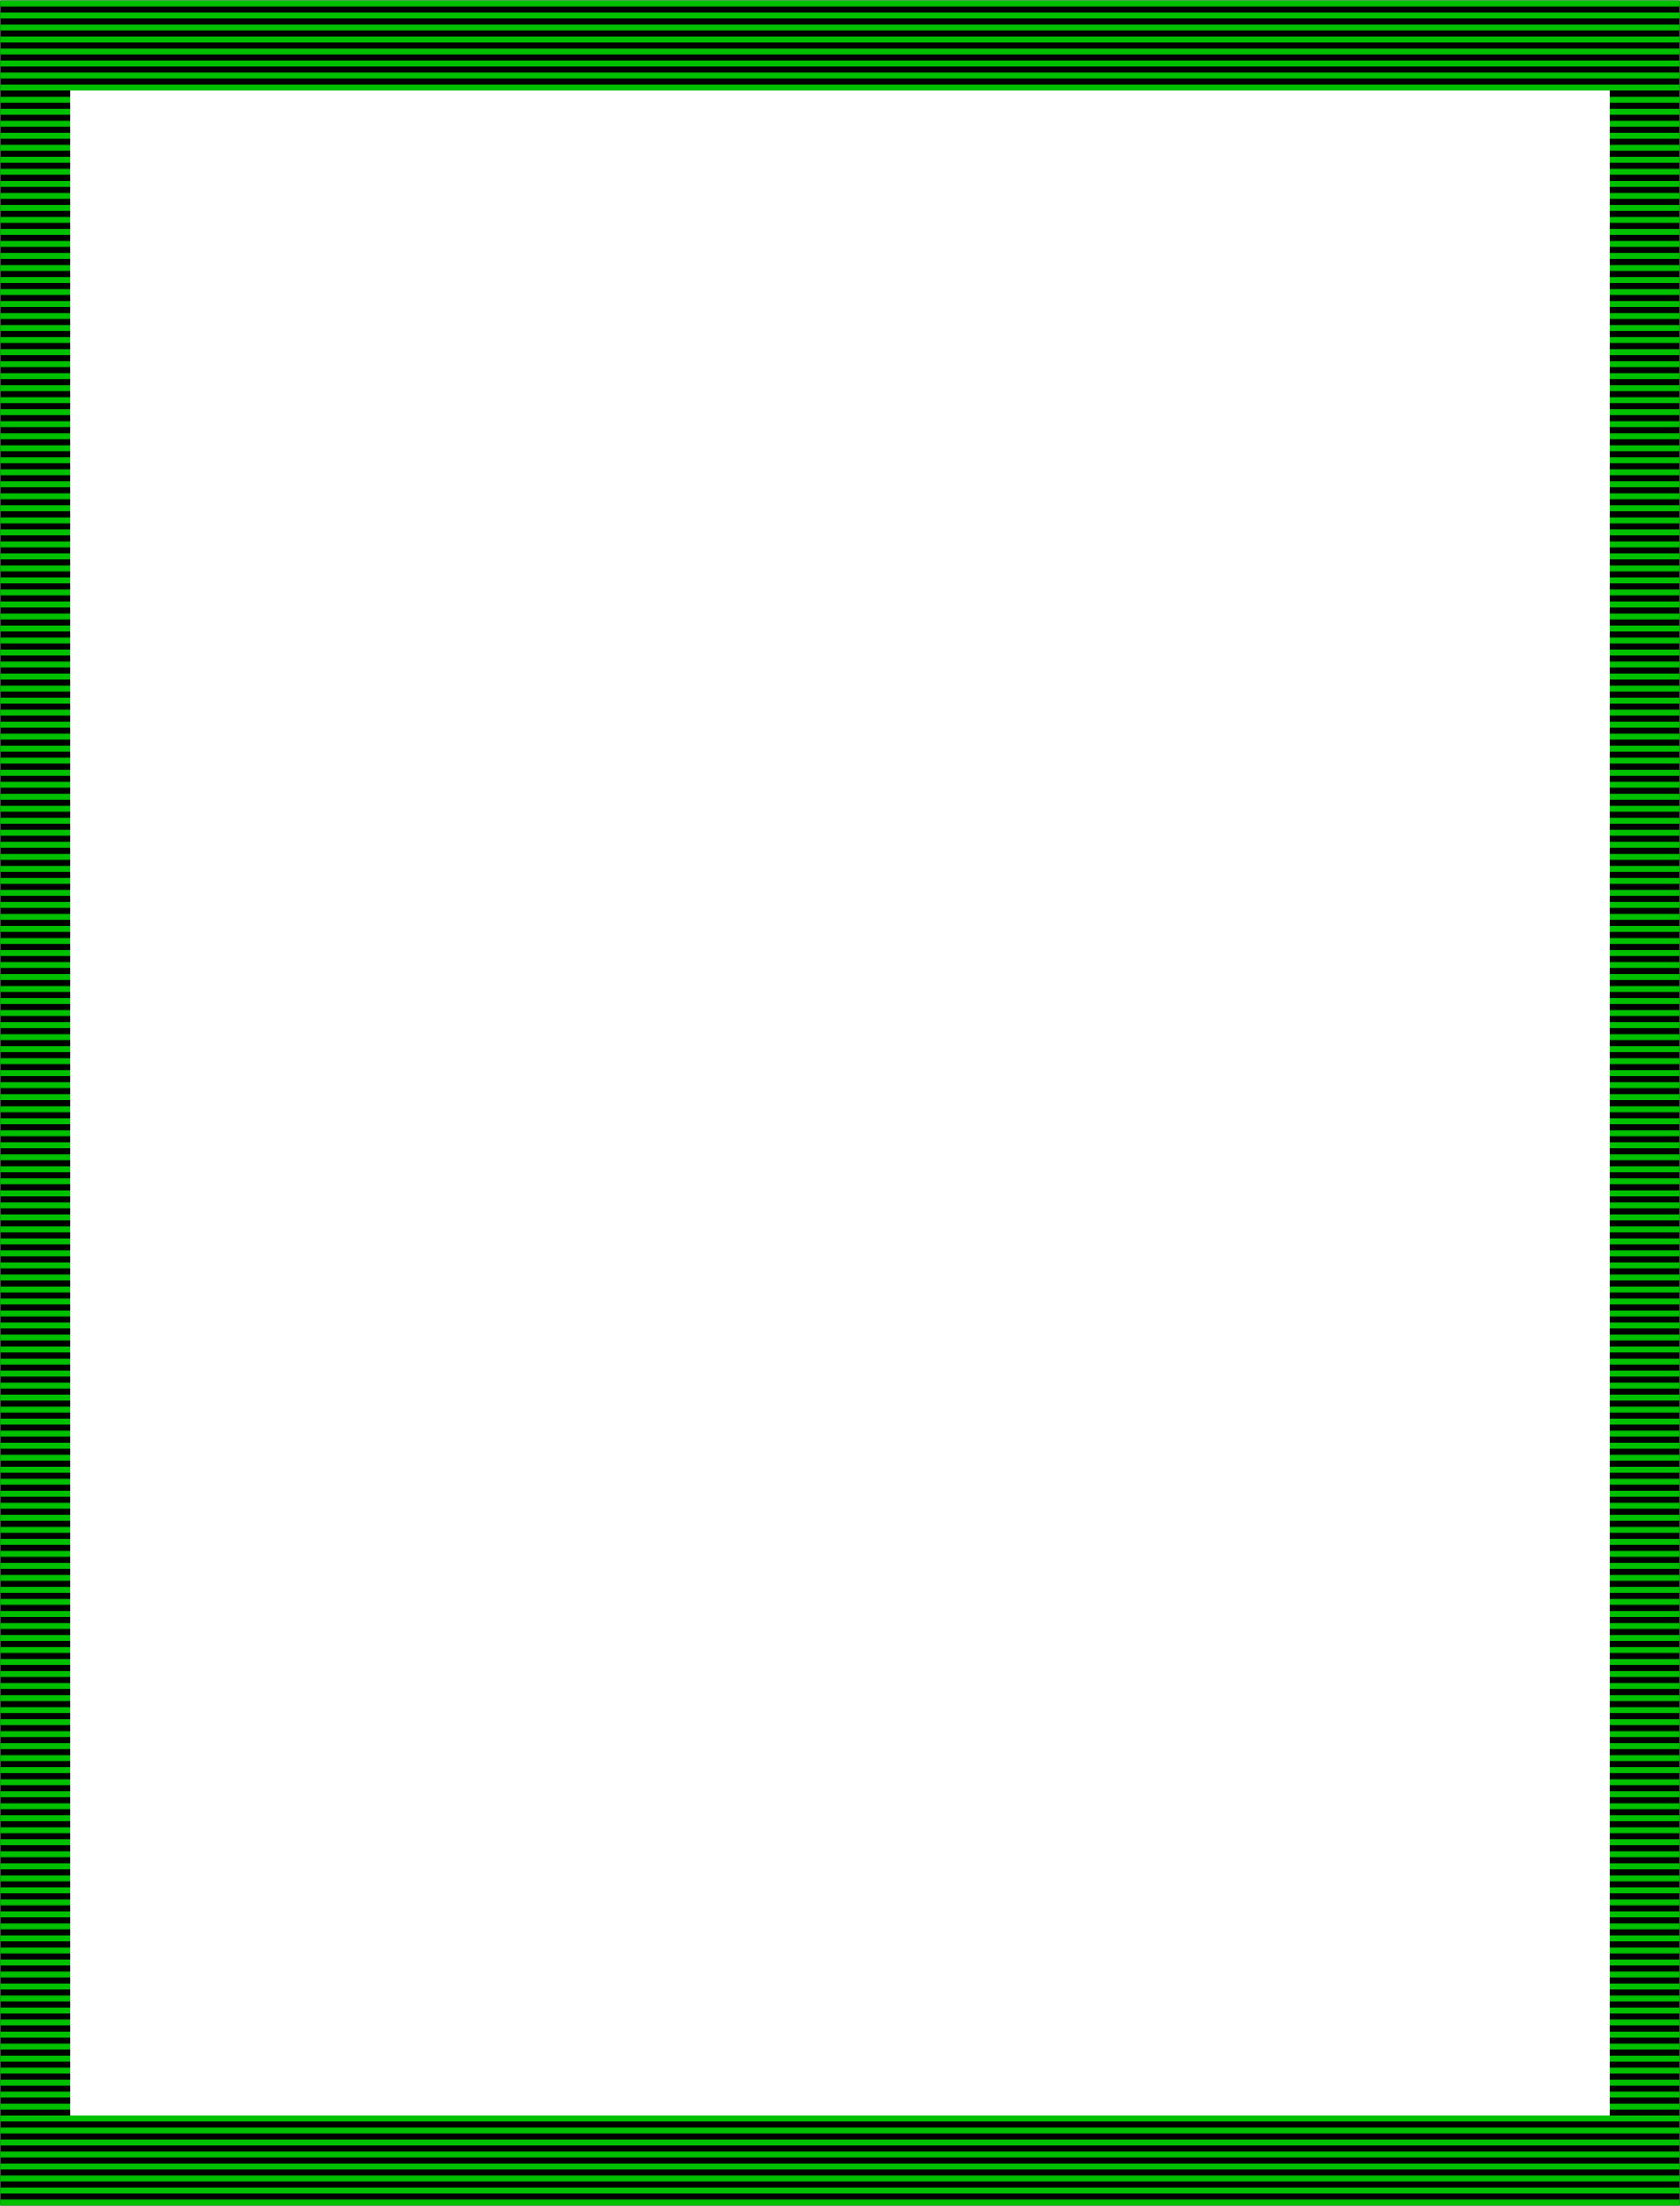 Clipart apple box big. Green border png